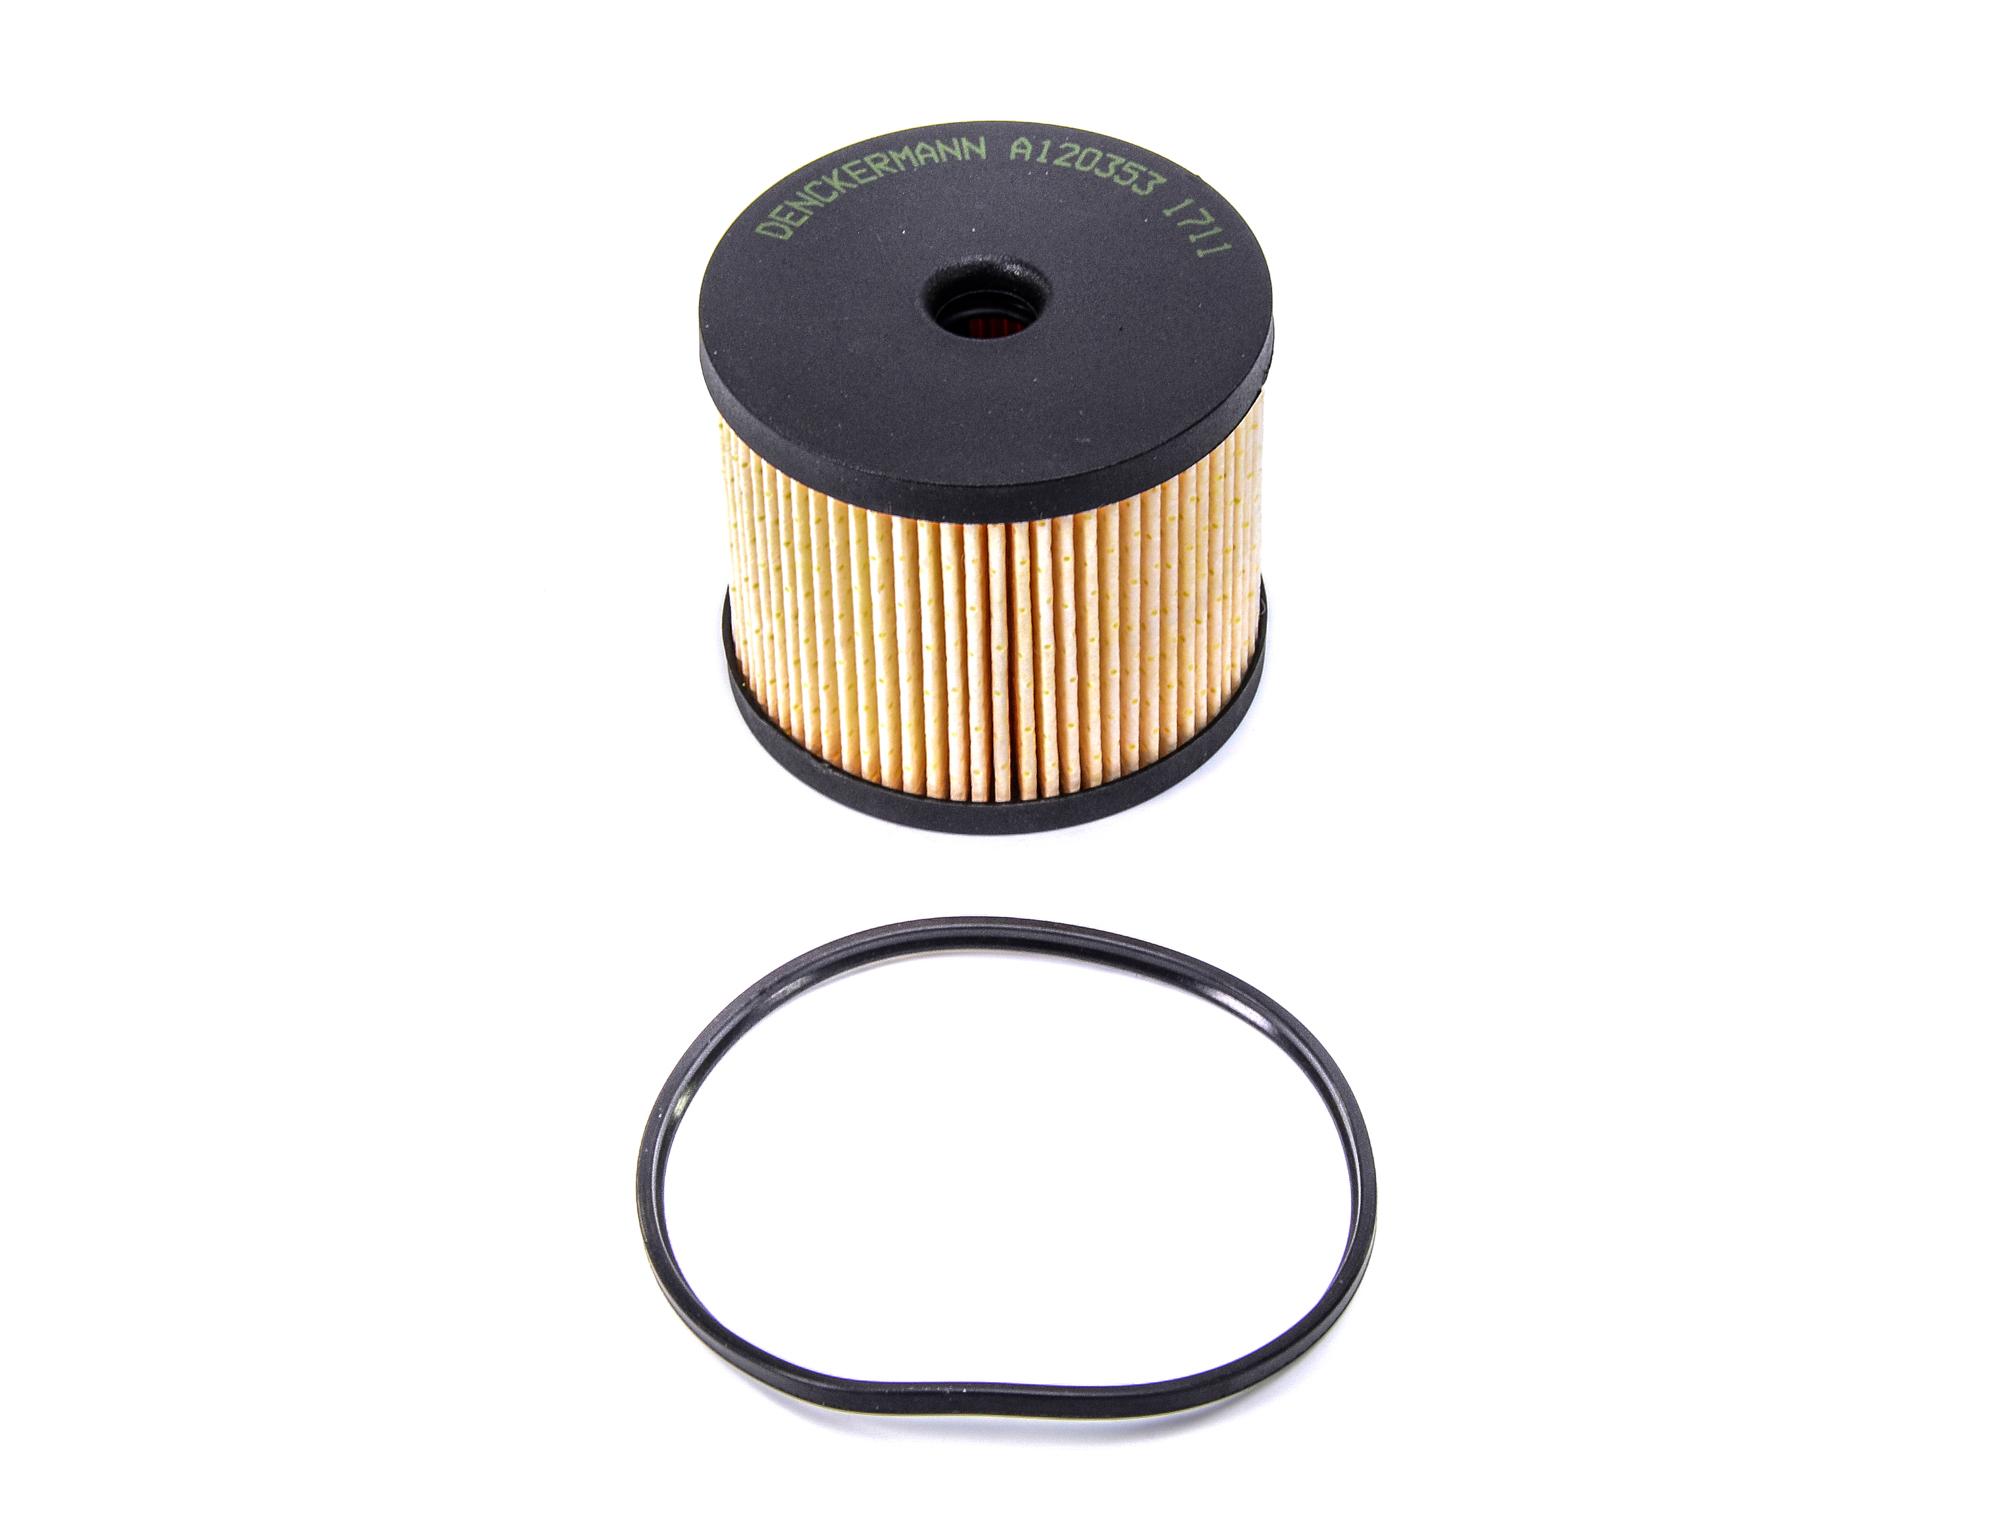 Купить Denckermann A120353 Топливный фильтр